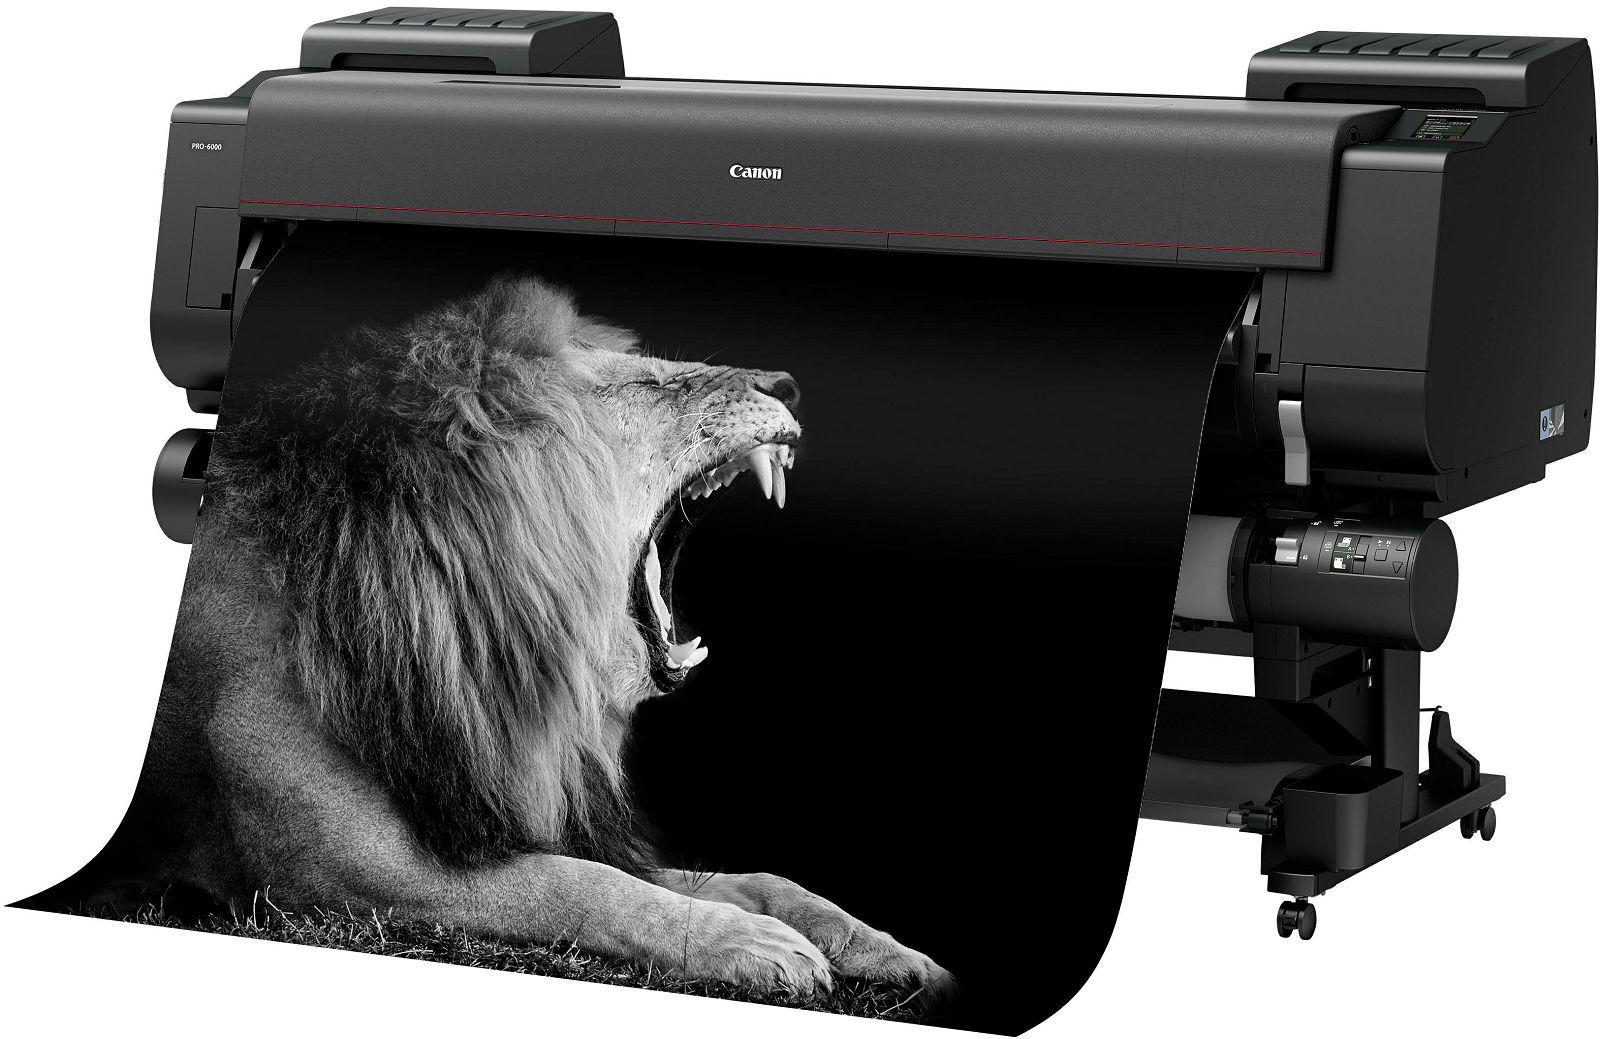 Plotter Canon imagePROGRAF PRO6000 - Incluso treinamento remoto